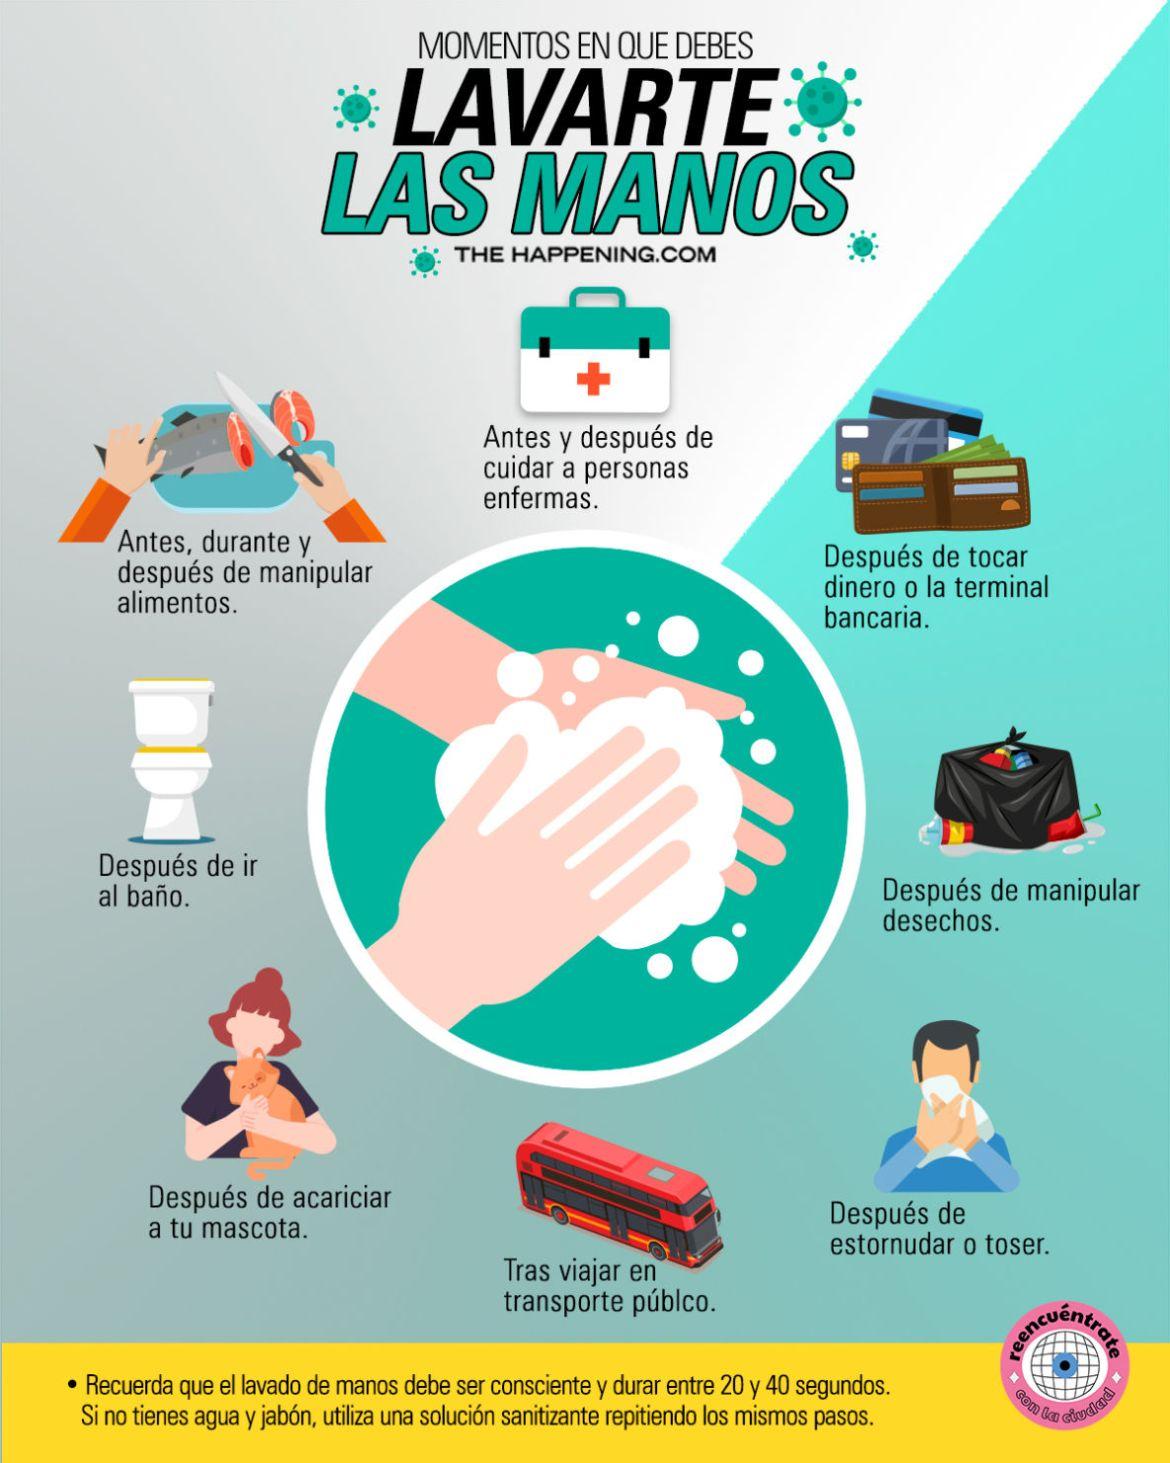 Momentos en los que debes lavarte las manos - lavartelasmanos